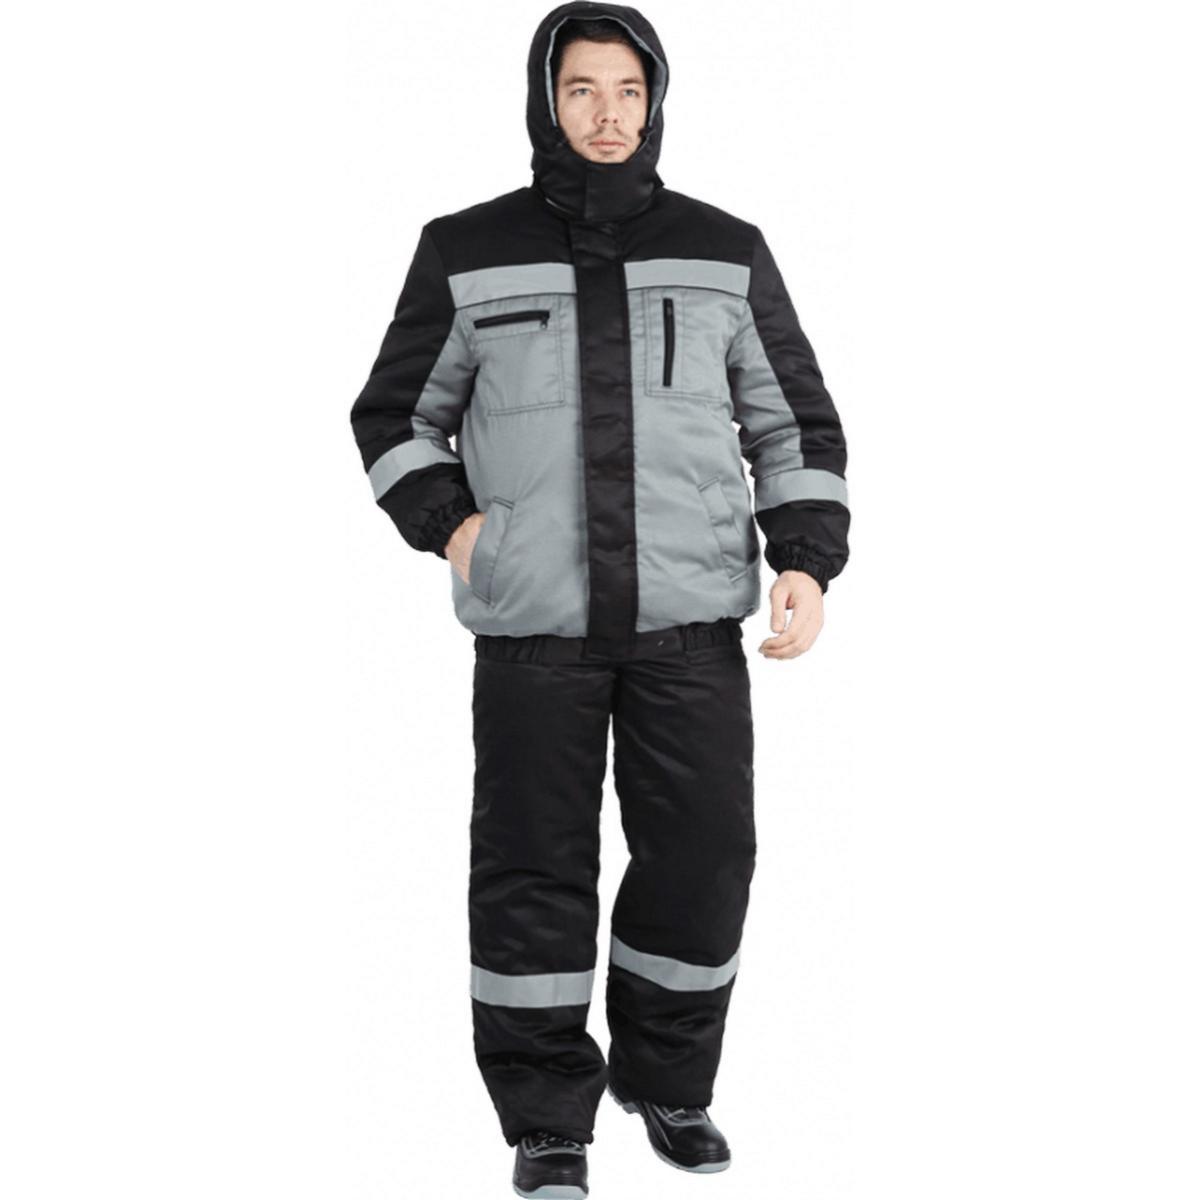 Костюм БАЙКАЛ утеплённый серый-чёрный (разм. 120-124 рост 170-176)